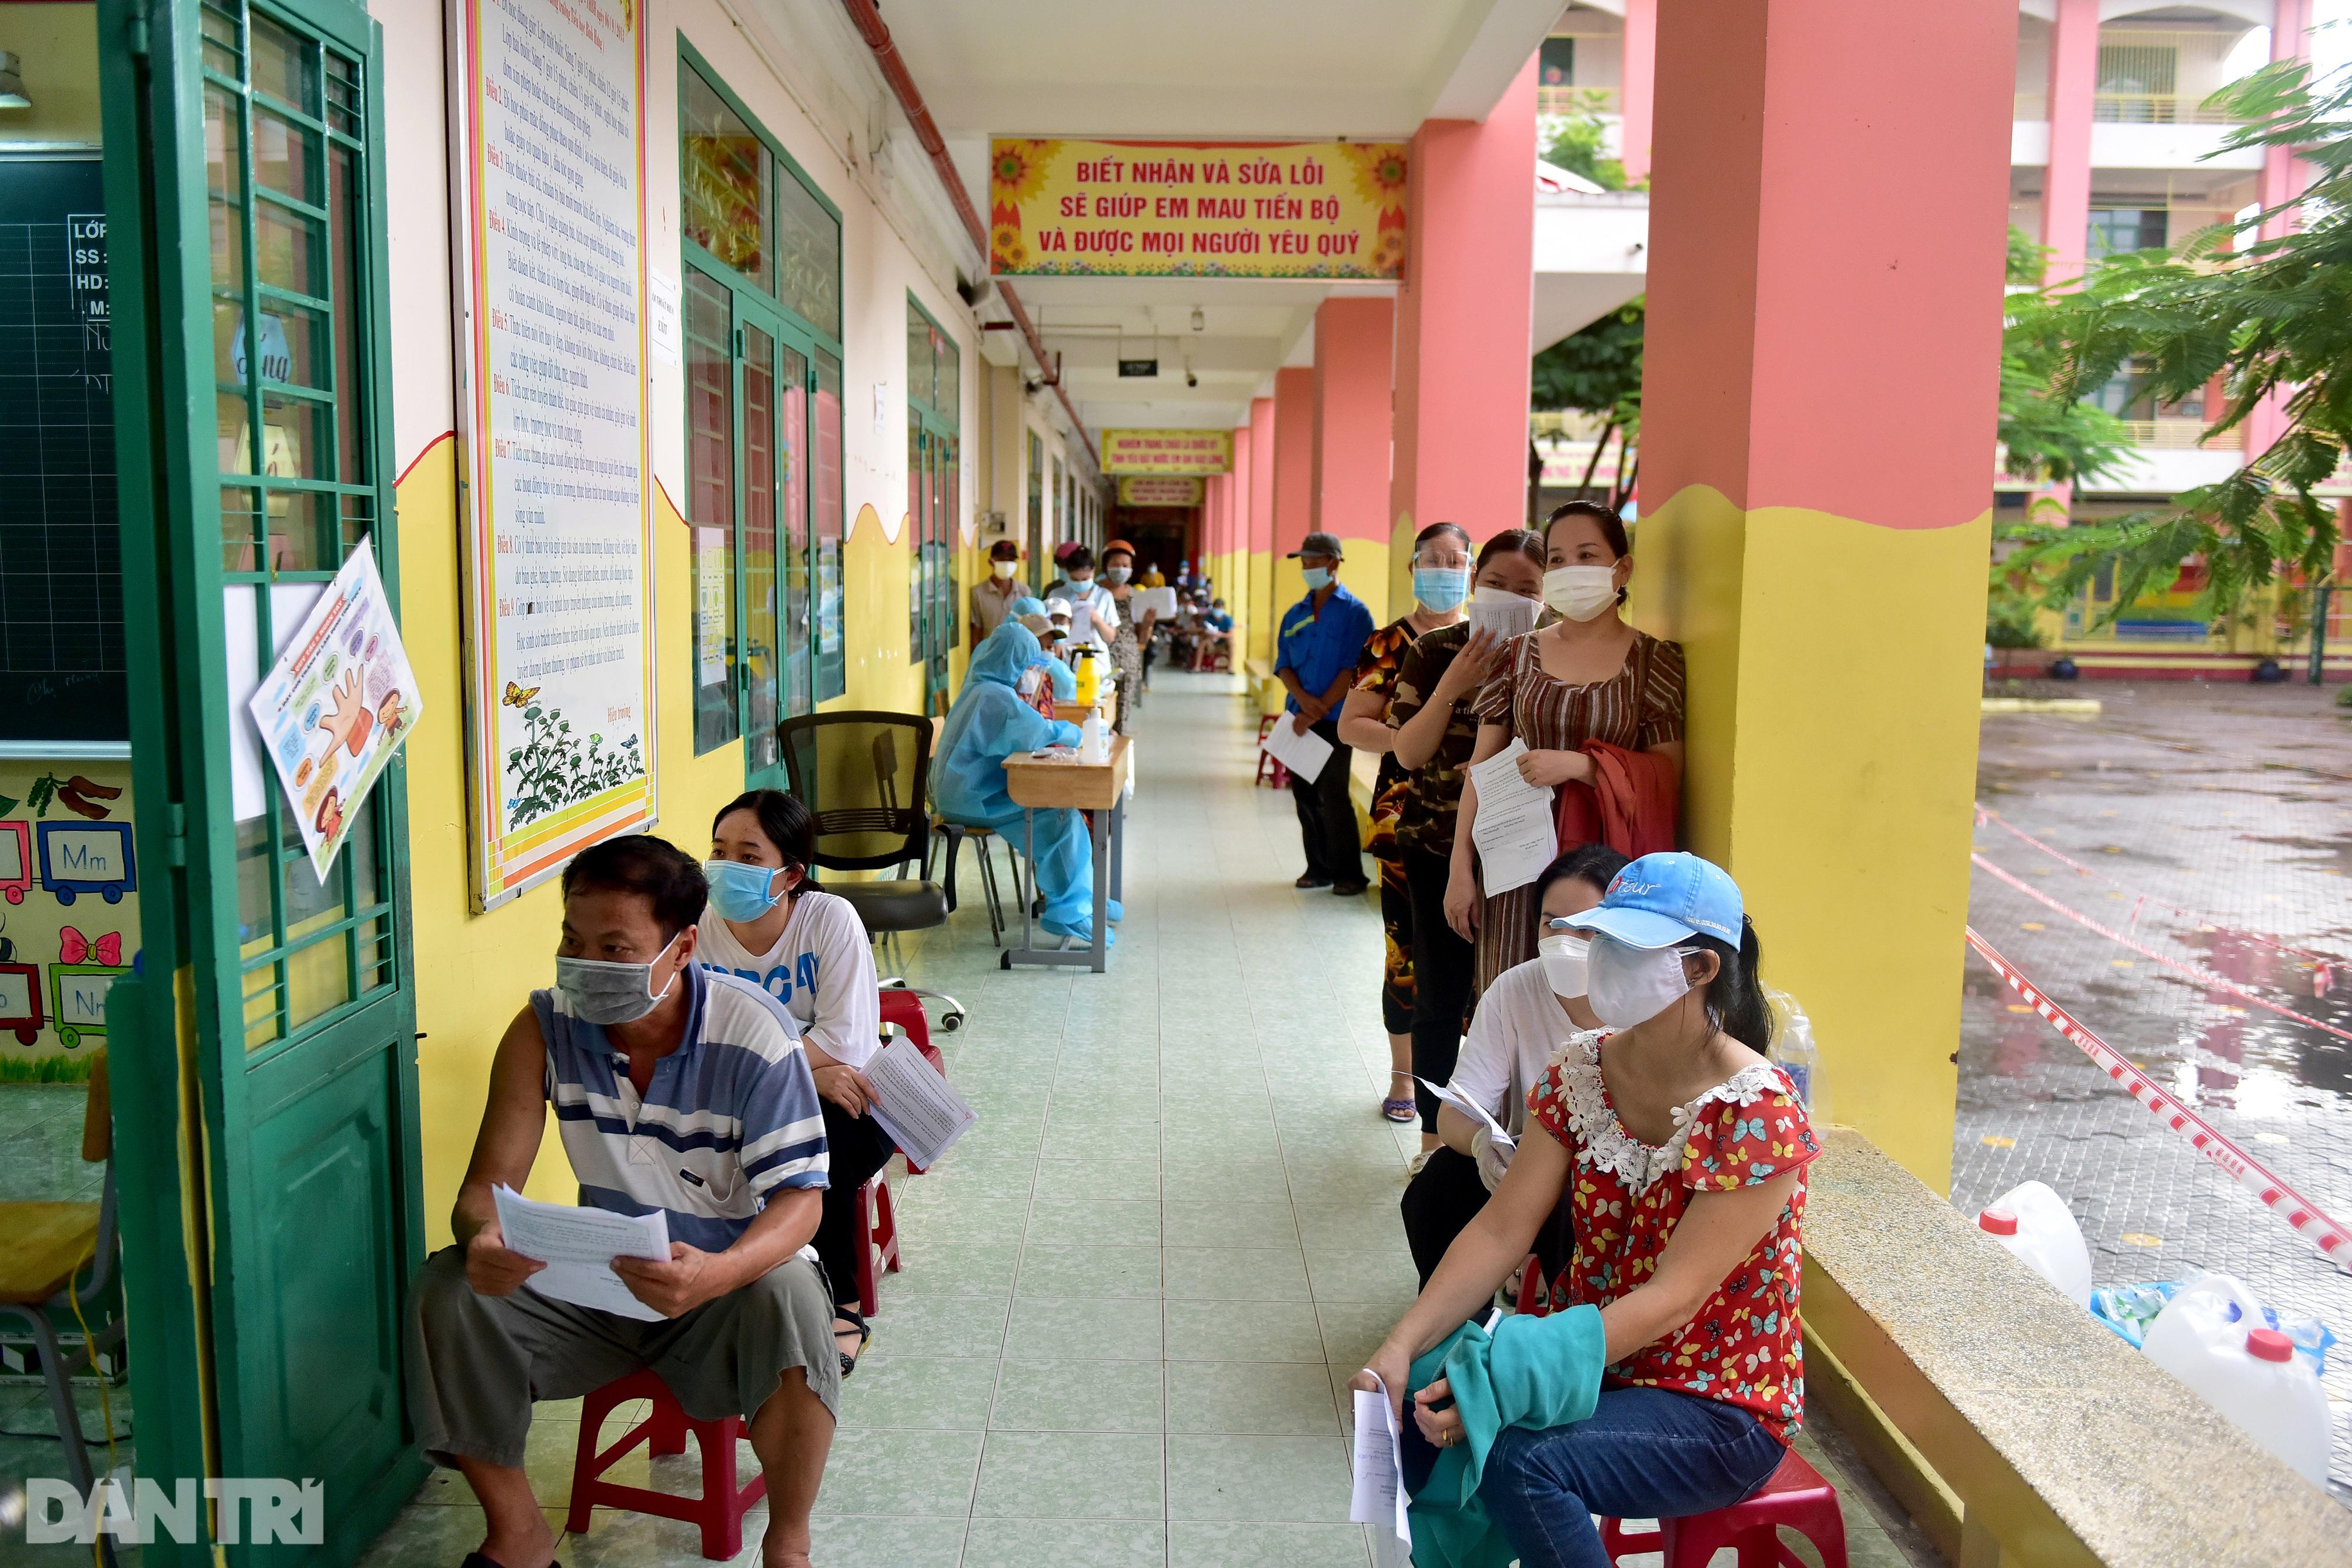 Người dân Sài Gòn xếp hàng trong mưa hơn 2 tiếng chờ tiêm vắc xin - 13